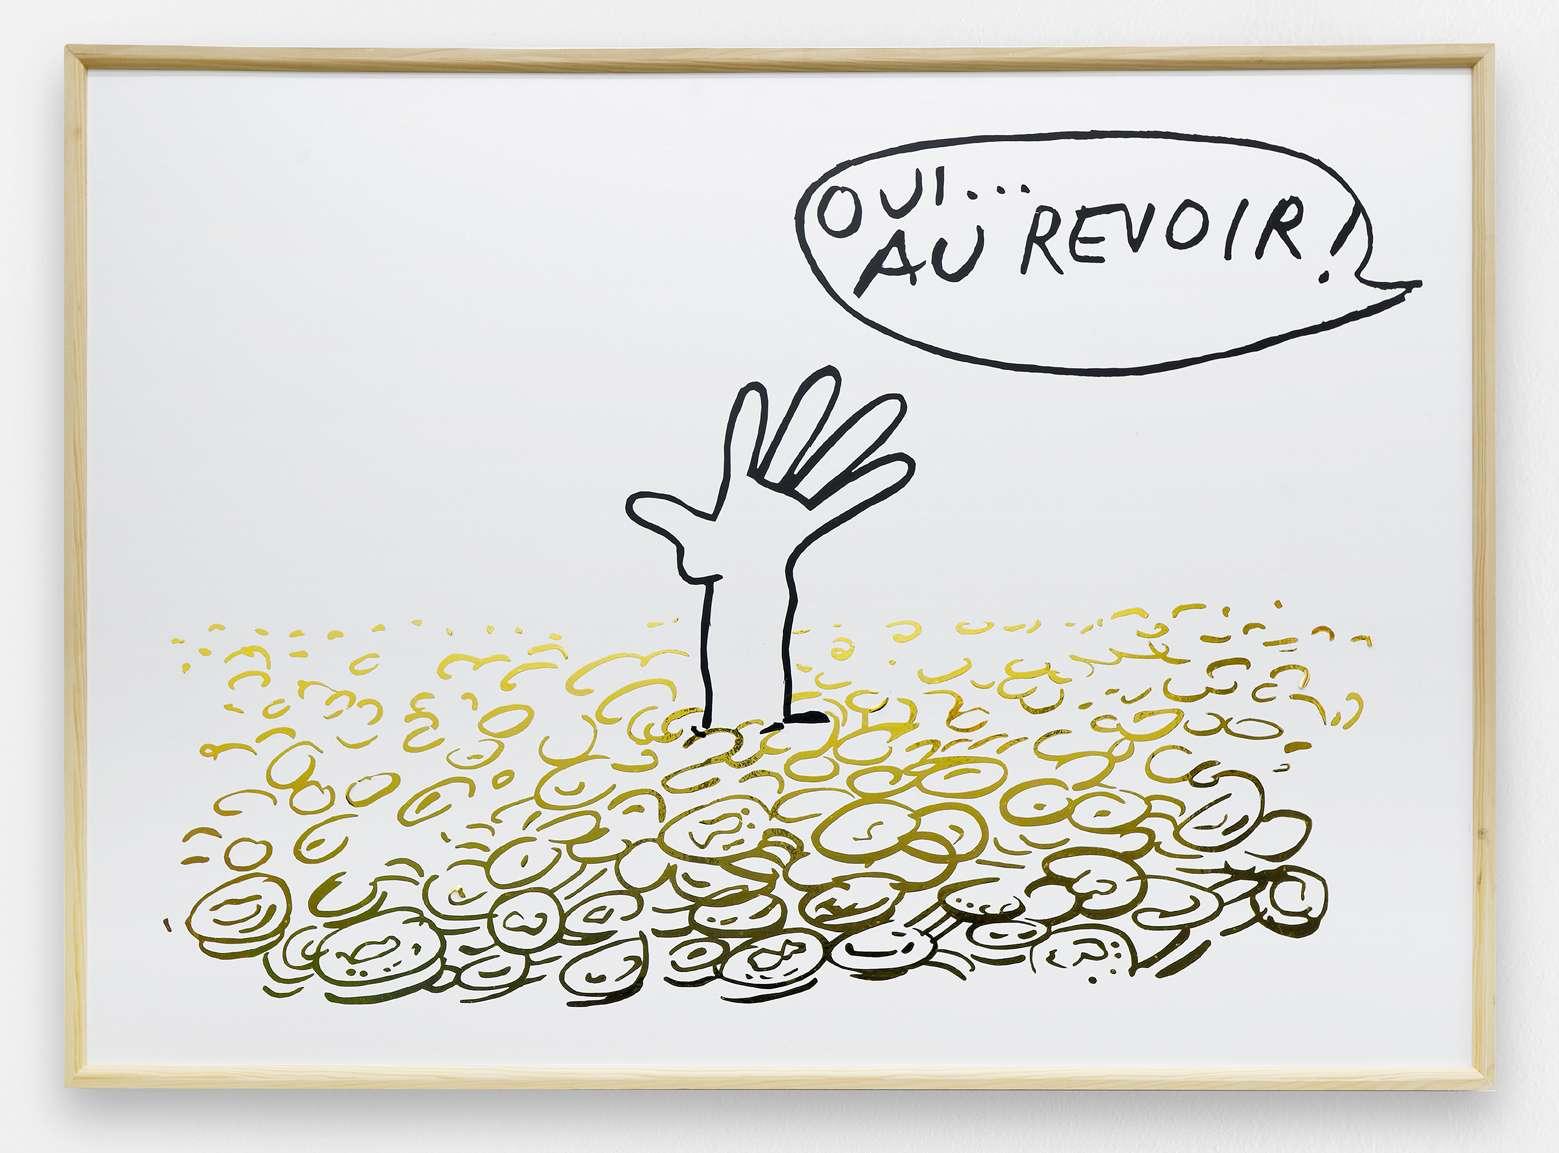 Taroop & Glabel, Au revoir, 2006 Vénalyne sur contreplaqué90 x 130 cm / 35 3/8 x 51 1/8 inches